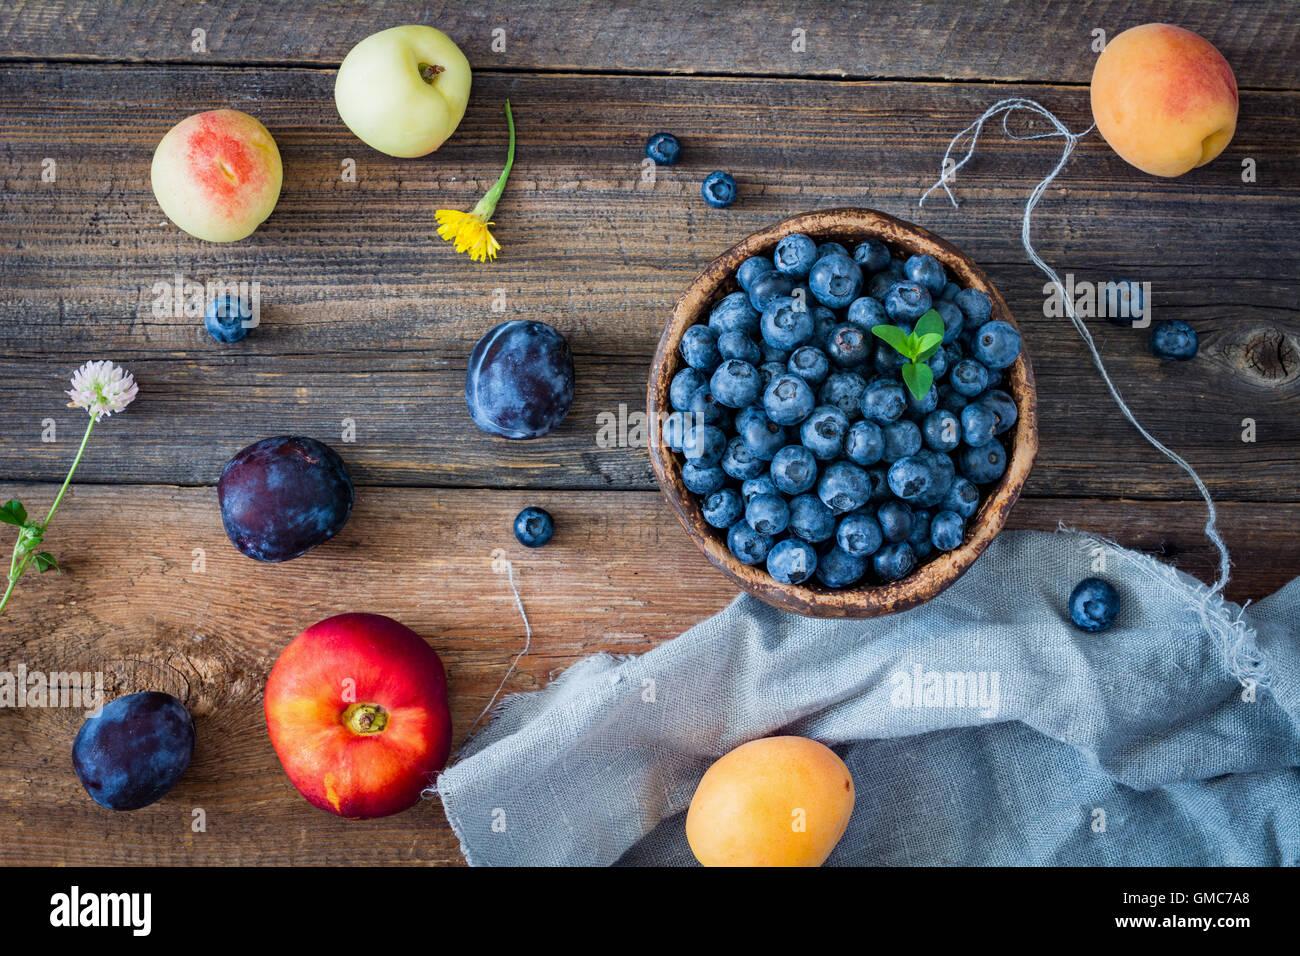 Frisches Obst auf einem Holztisch. Ansicht von oben Stockbild